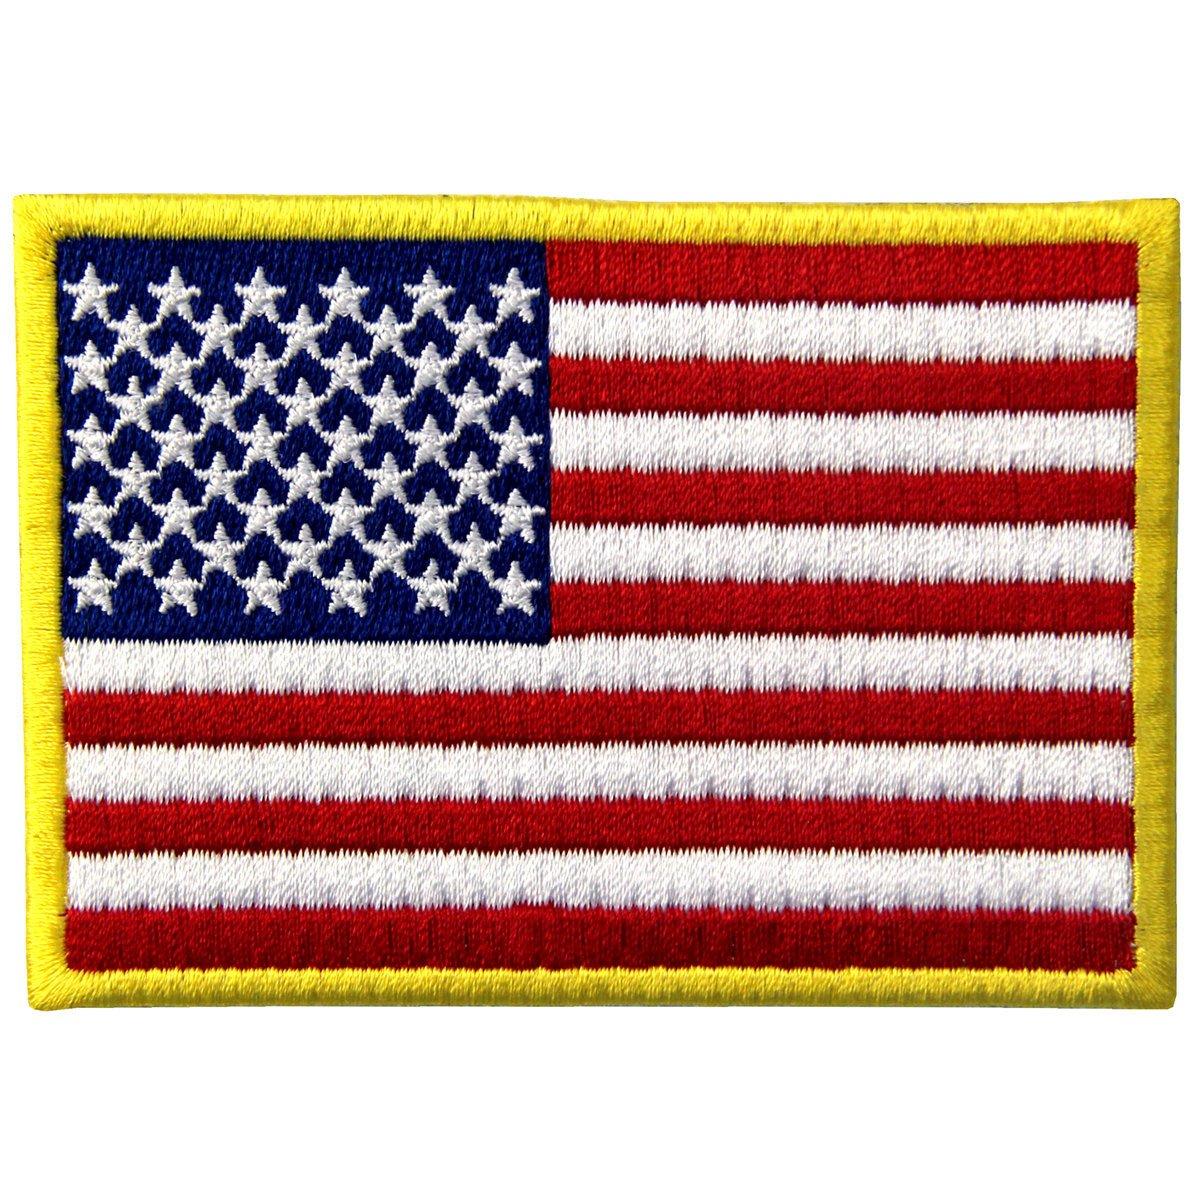 Tattico Bandiera Americana Stati Uniti d'America Emblema Nazionale Termoadesiva Cucibile Ricamata Toppa, Bianco nero EmbTao